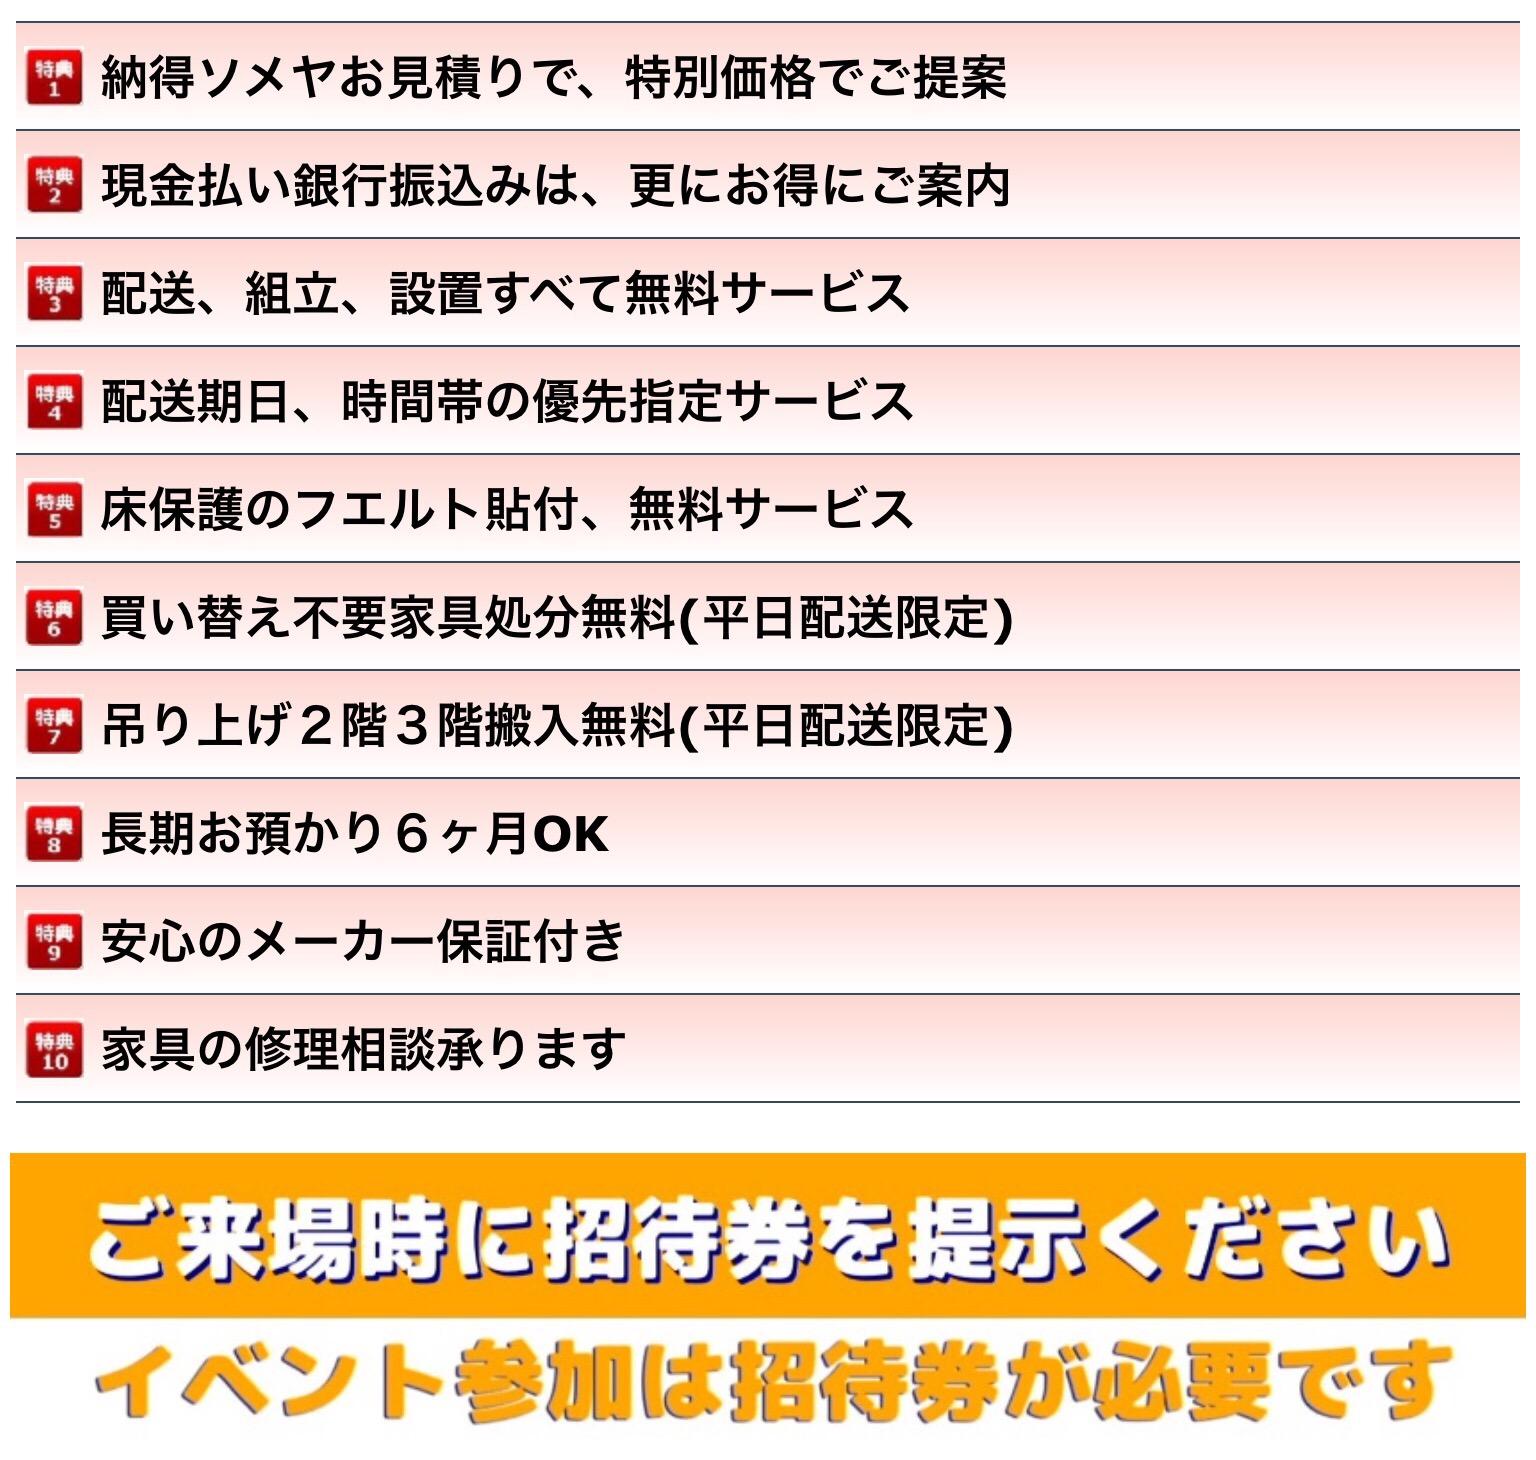 ソメイユ東京イベント10大特典